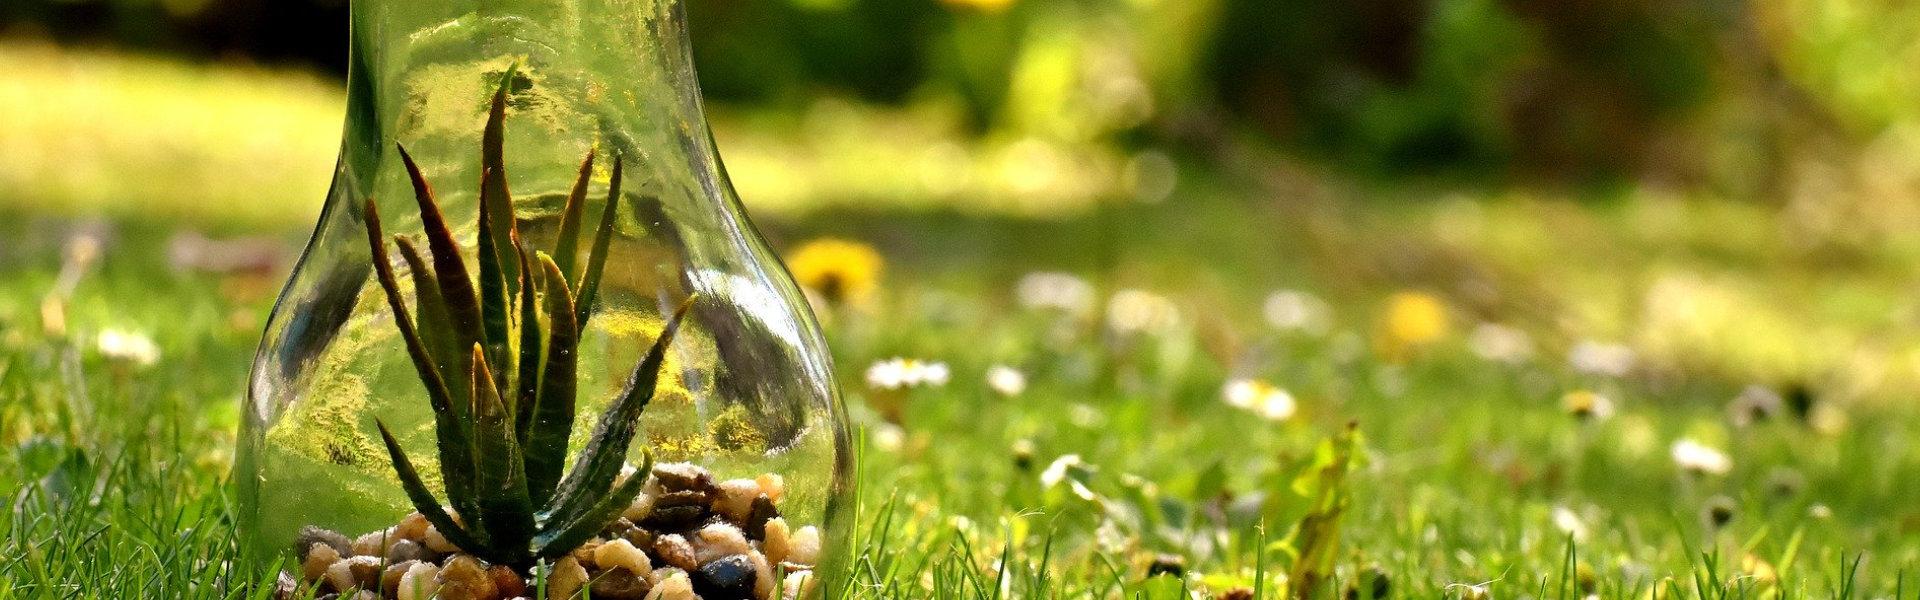 Jak dobrać oświetlenie do uprawy roślin w domu?